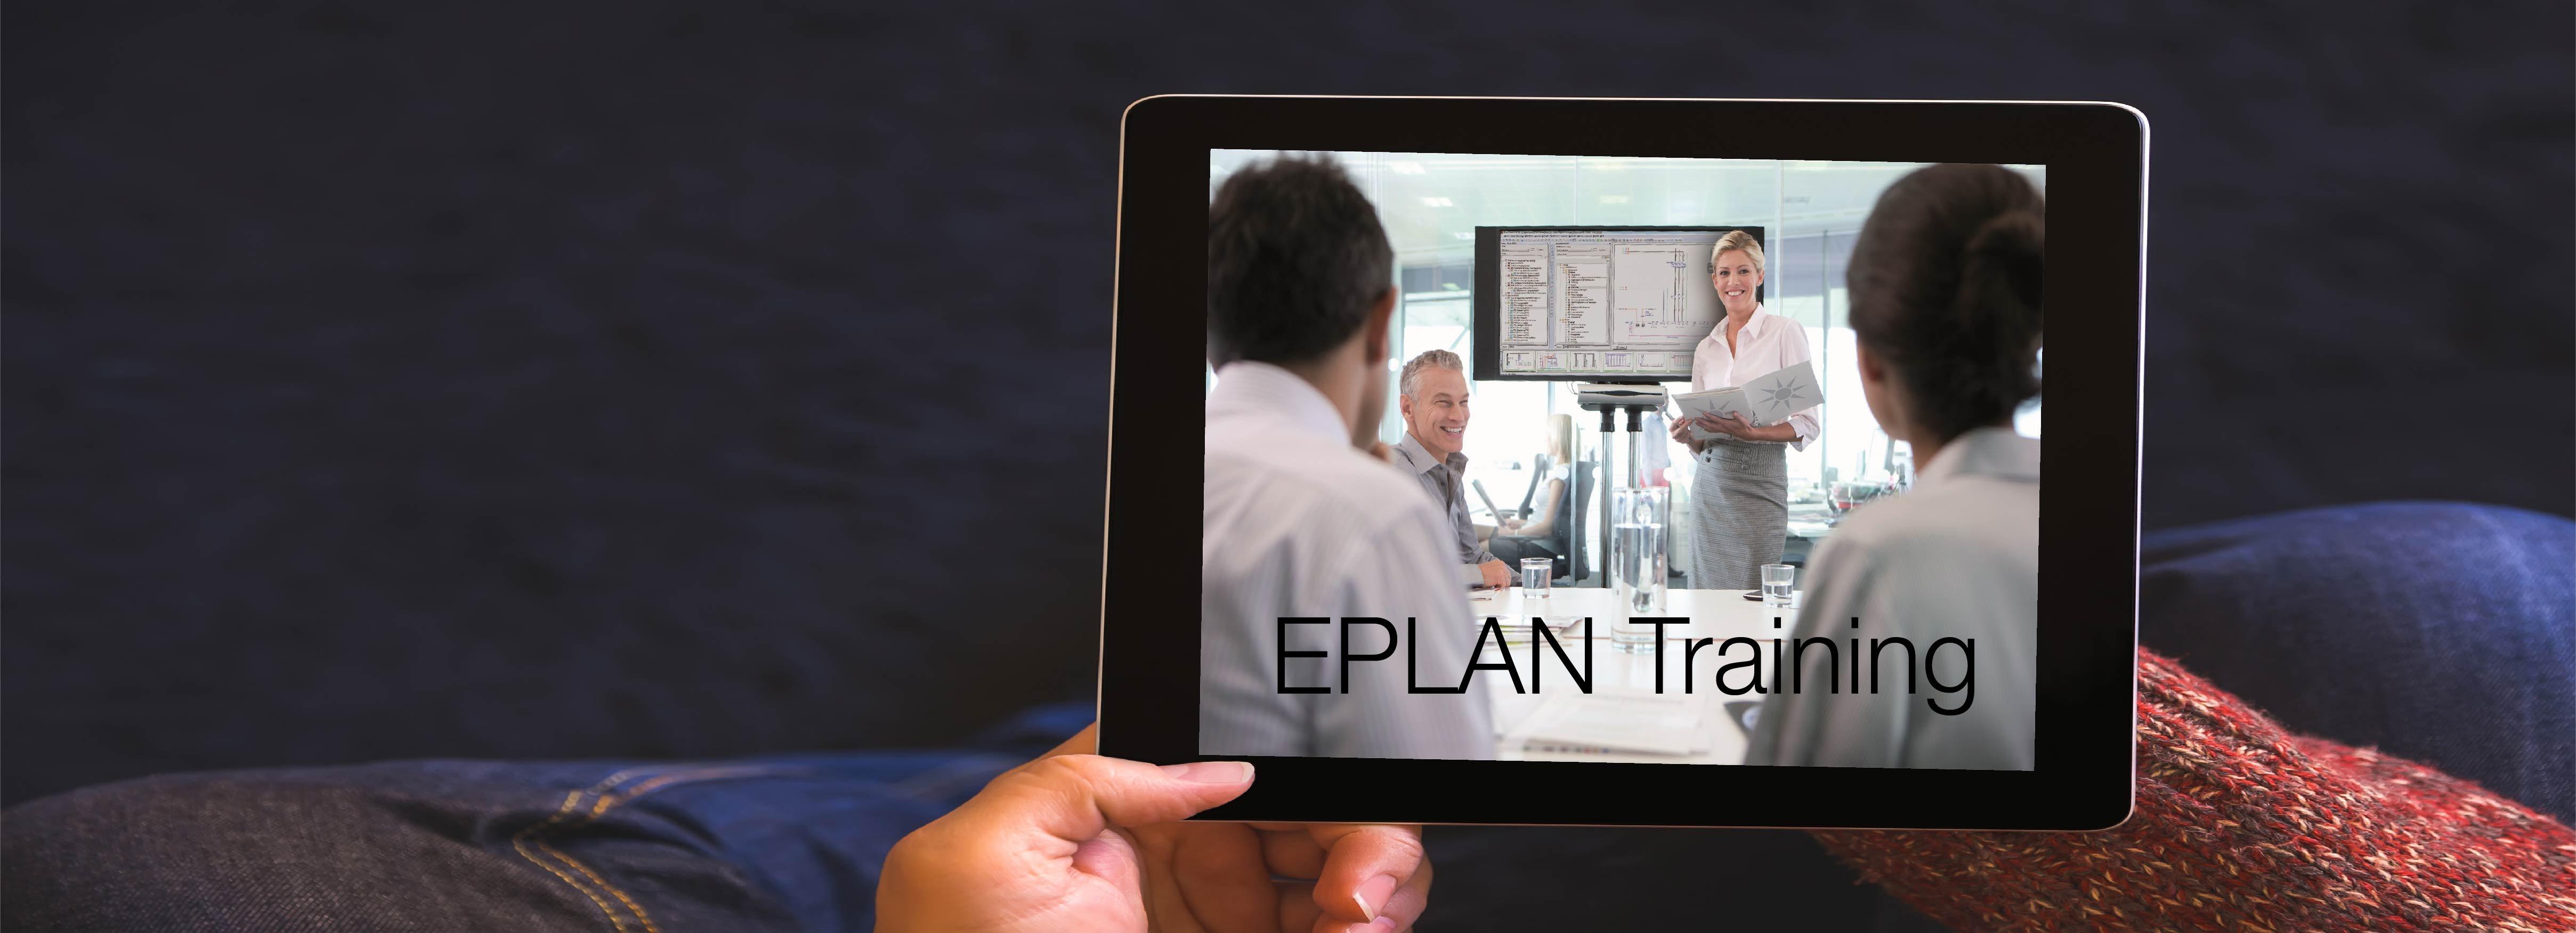 visual-EPLAN Training-landingpage.jpg